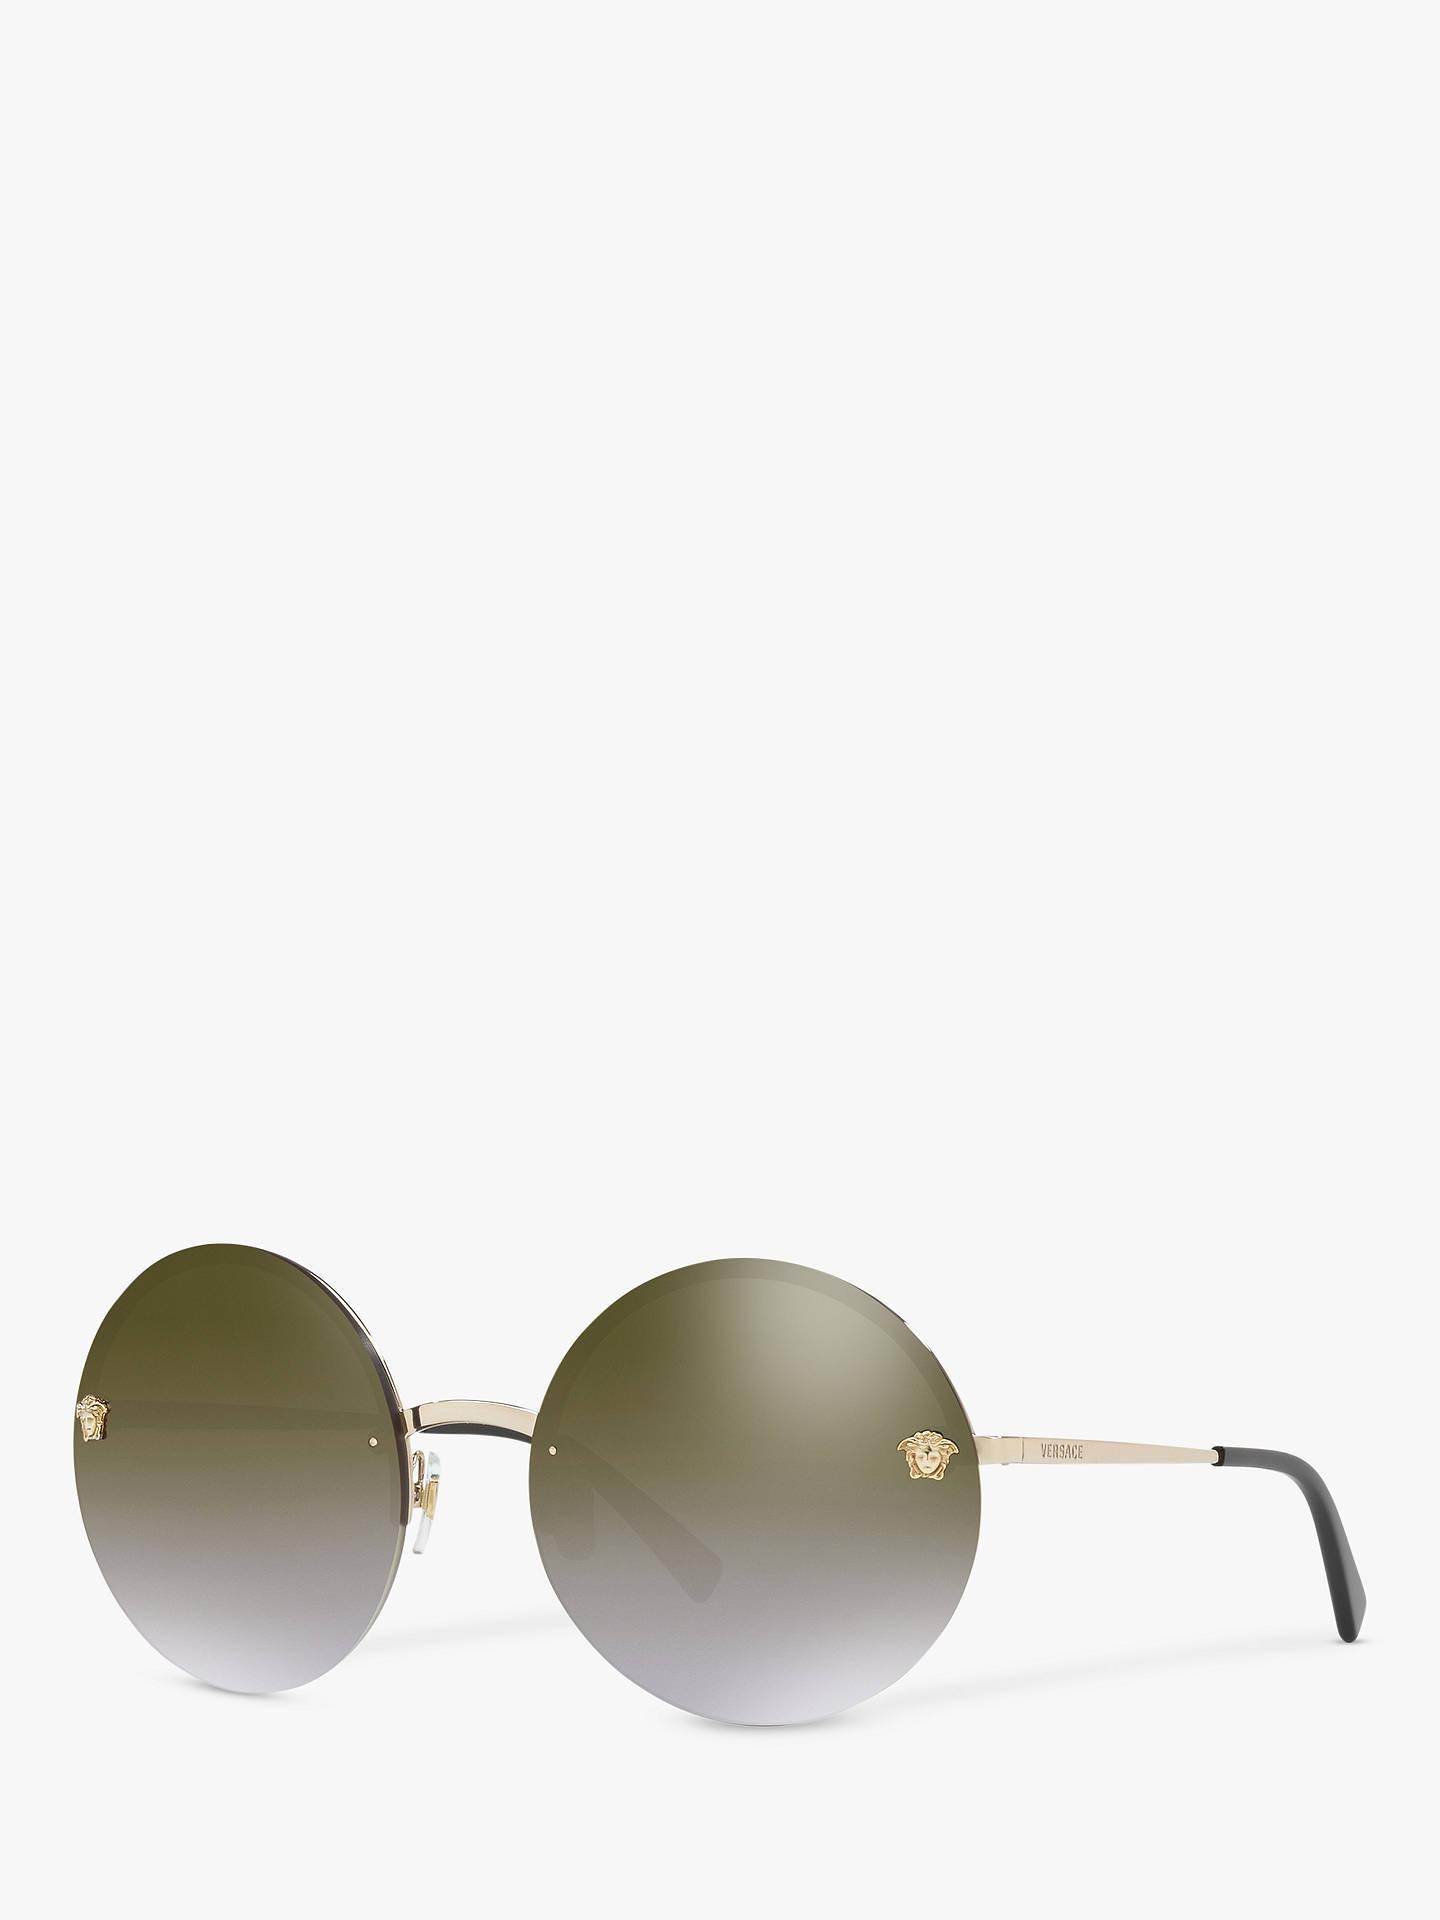 6c7713945f8f Buy Versace VE2176 Women s Round Sunglasses